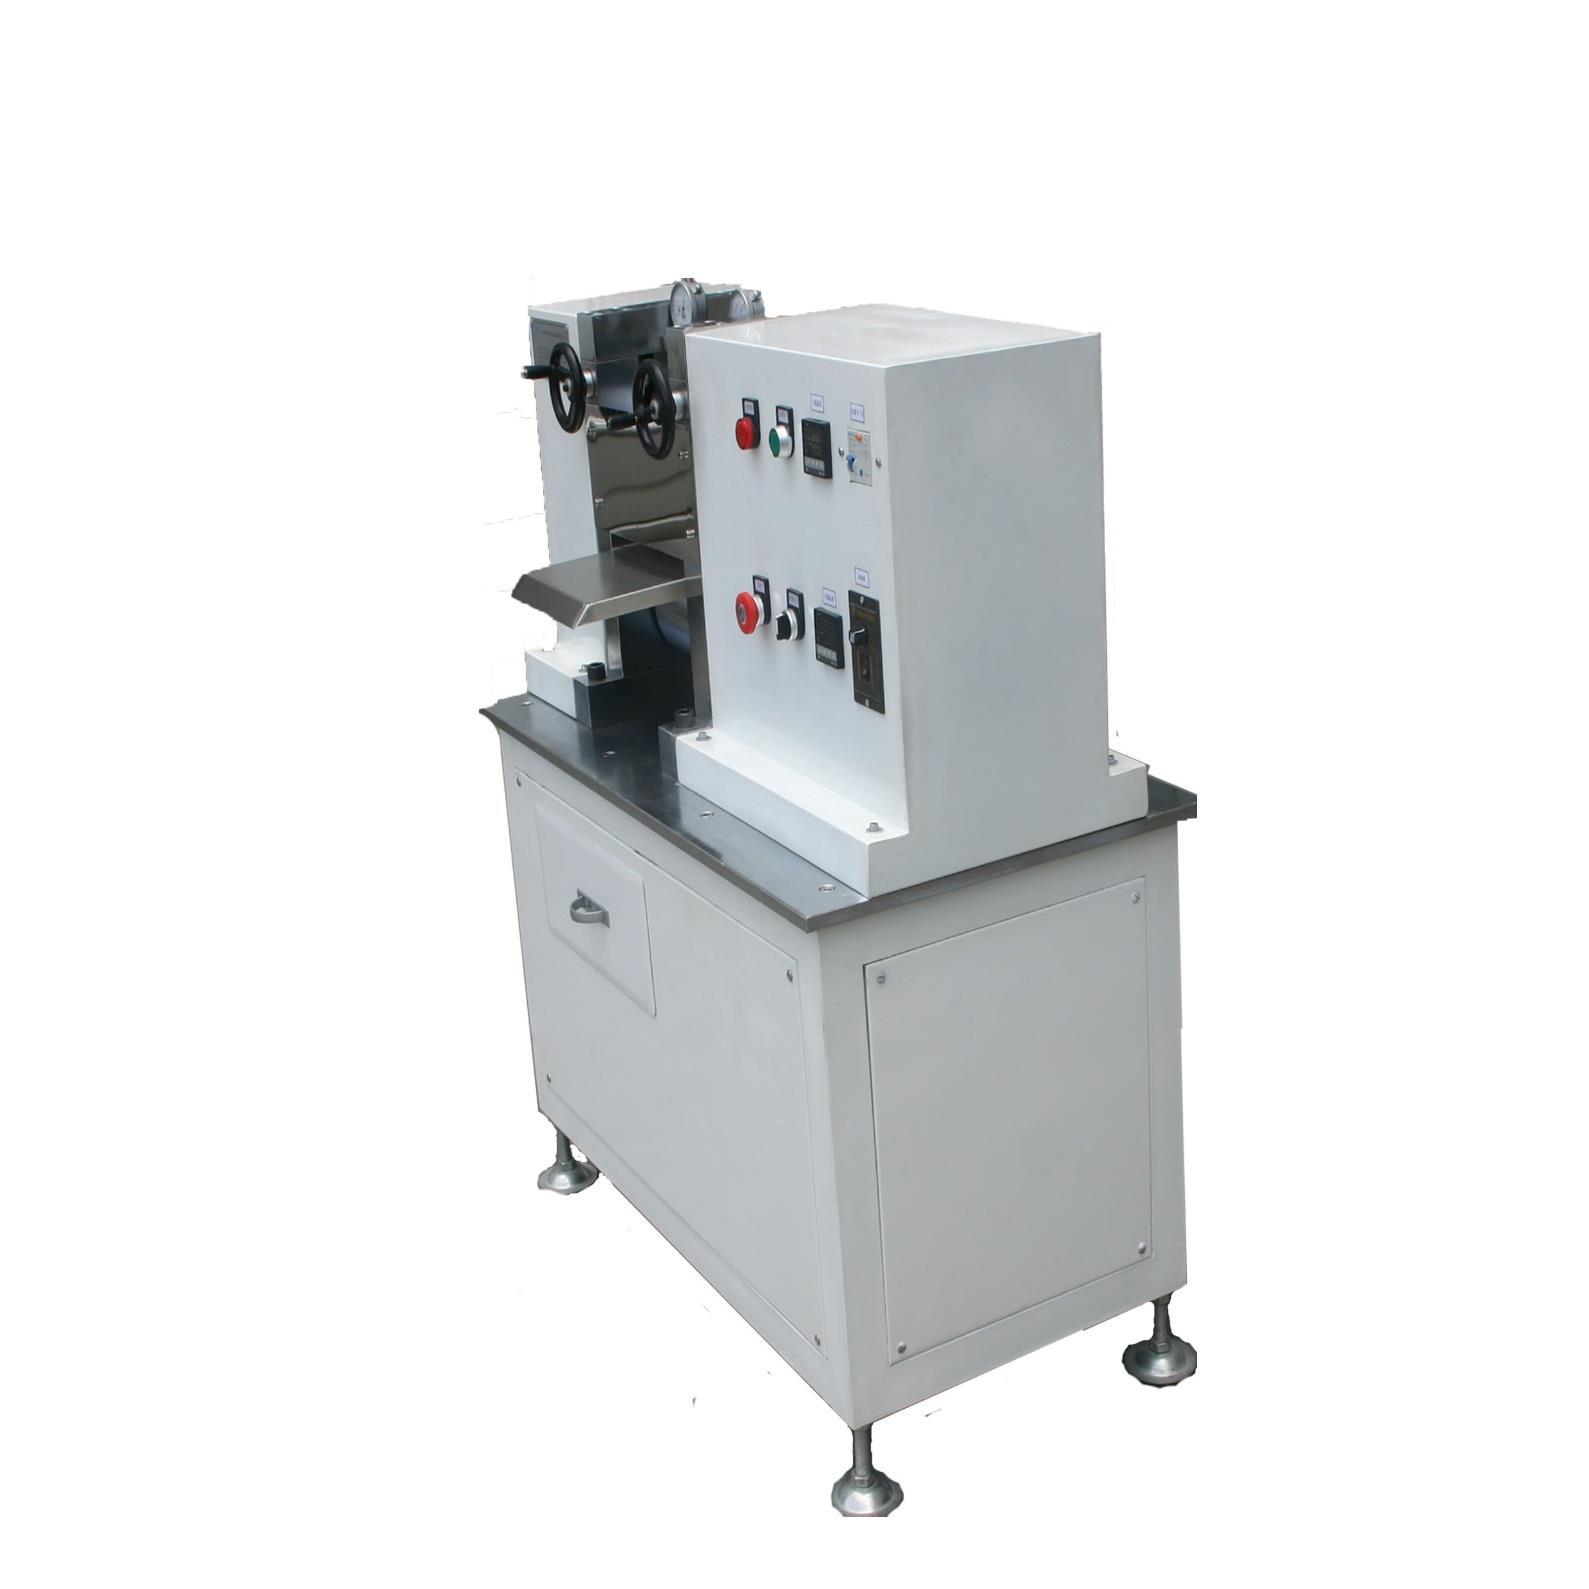 西安锂电池实验室辊压机哪家好